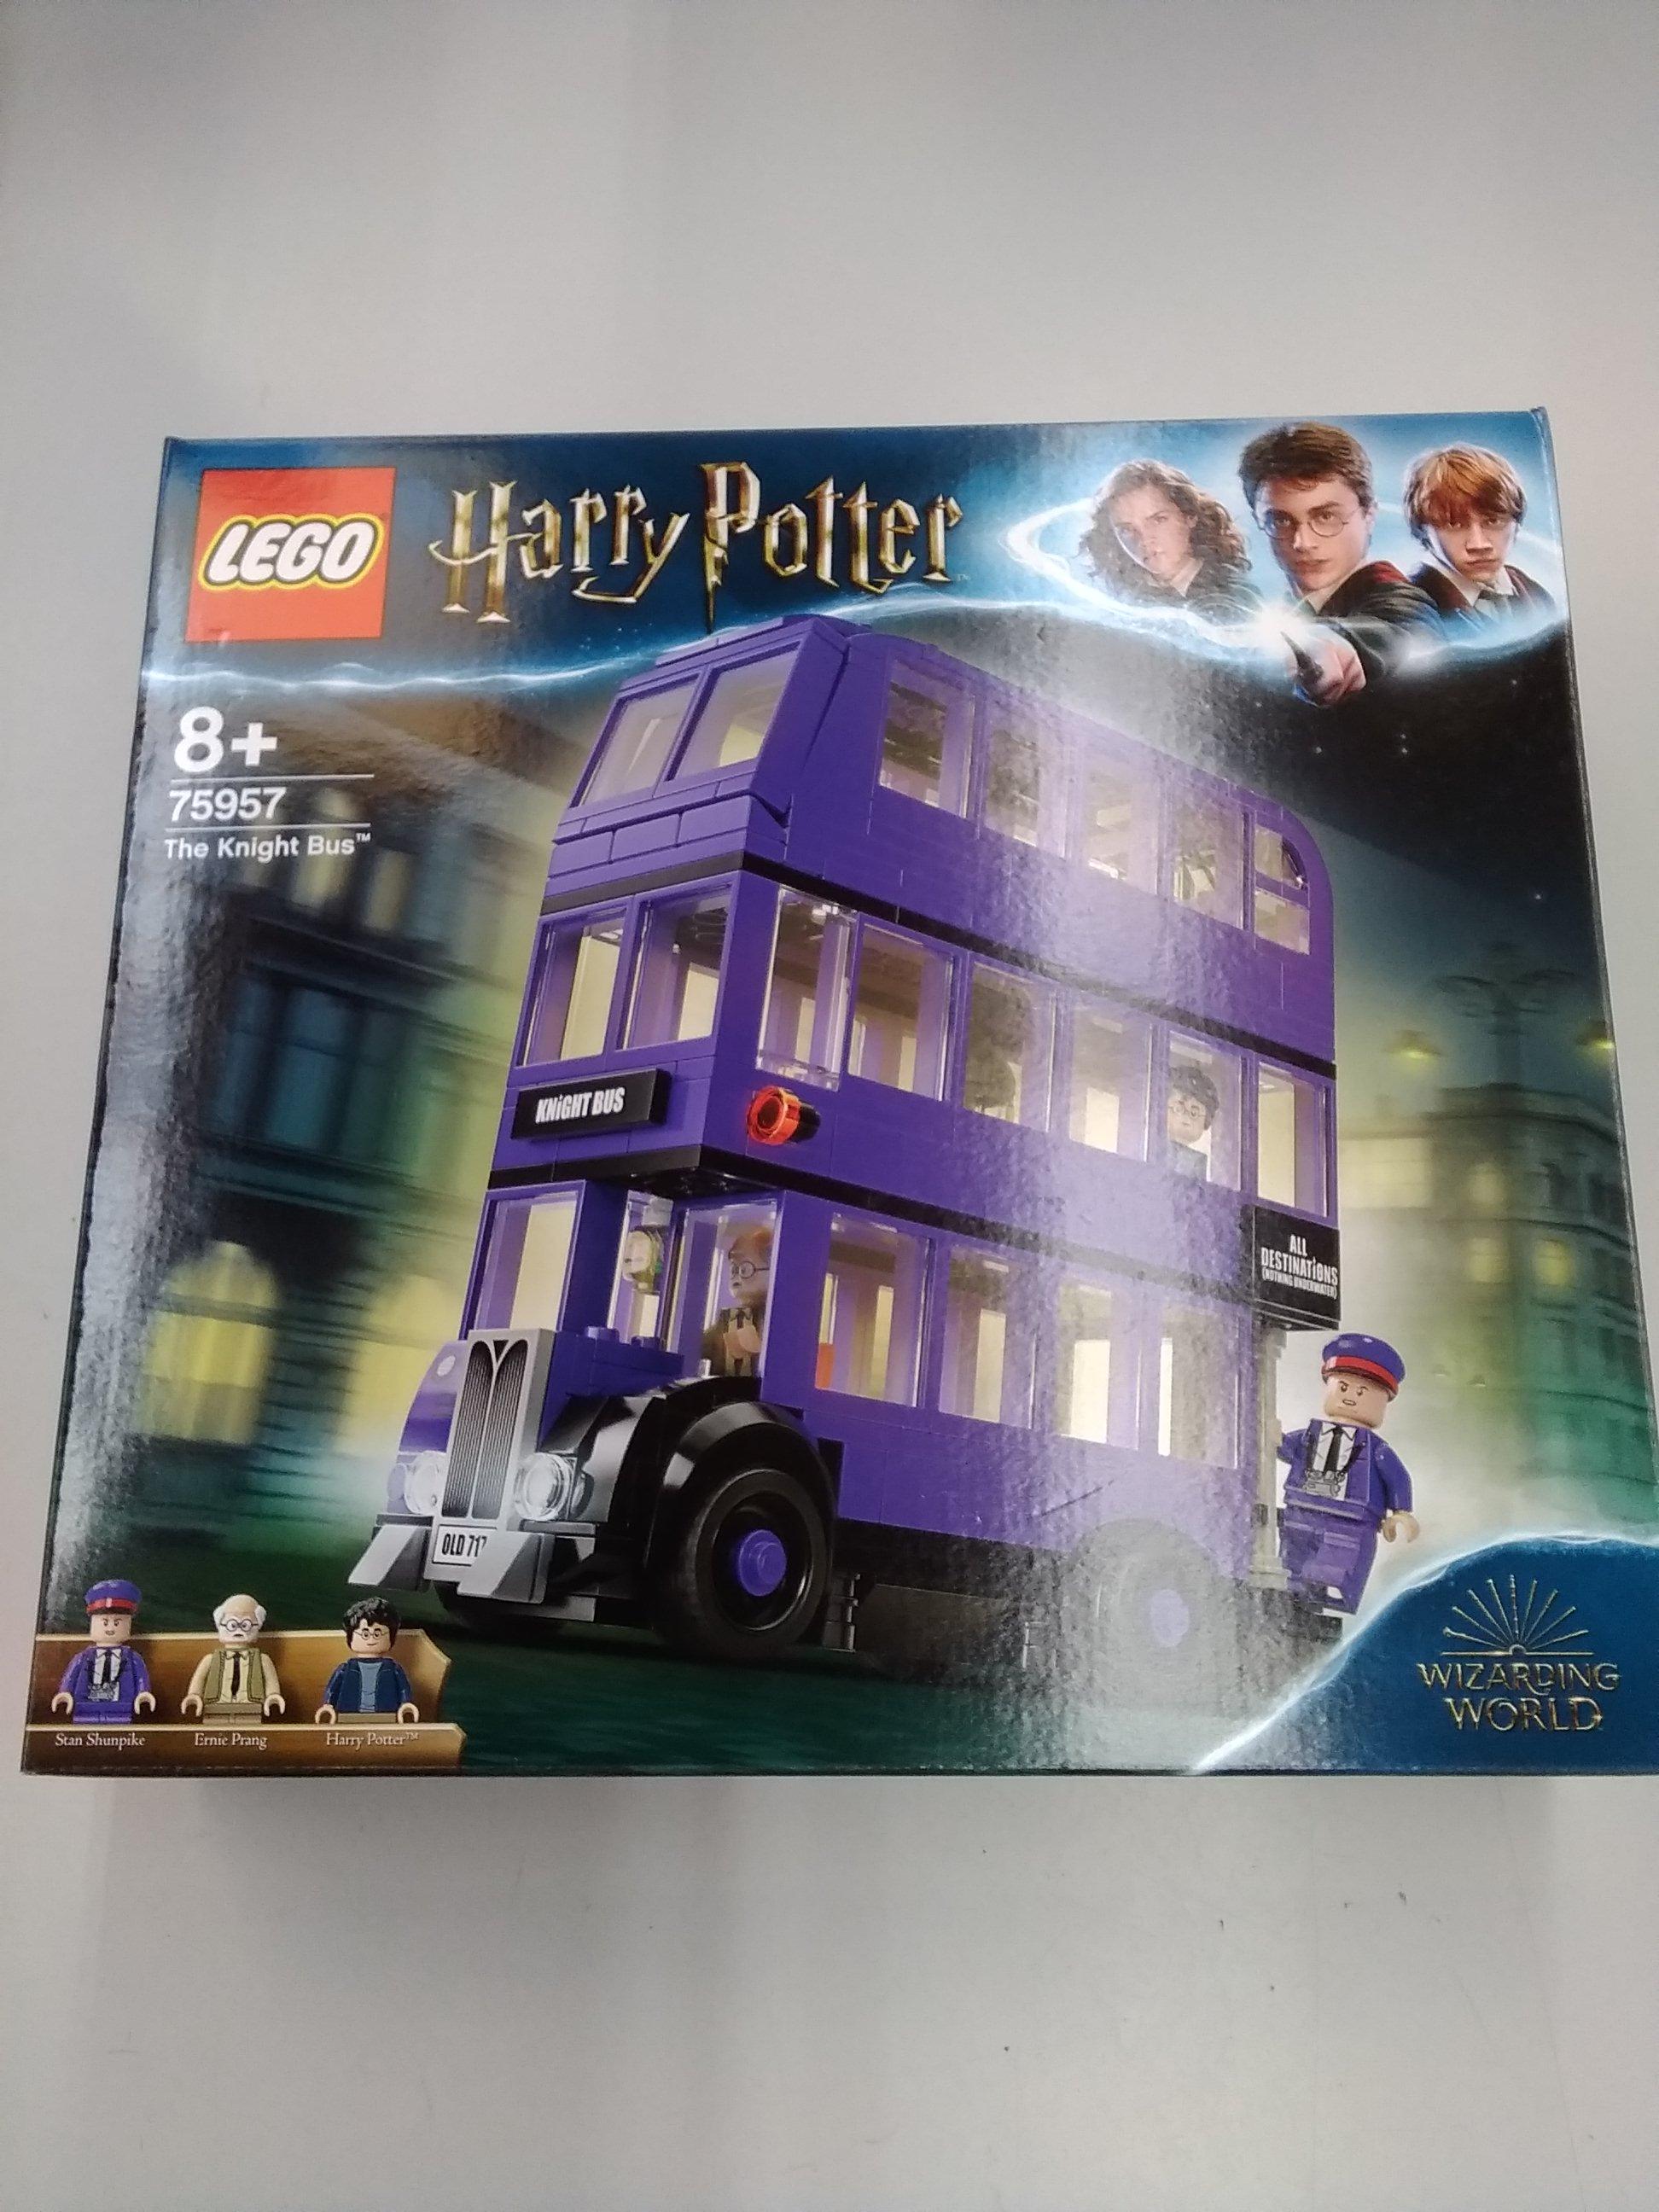 ハリーポッター 夜の騎士バス|LEGO